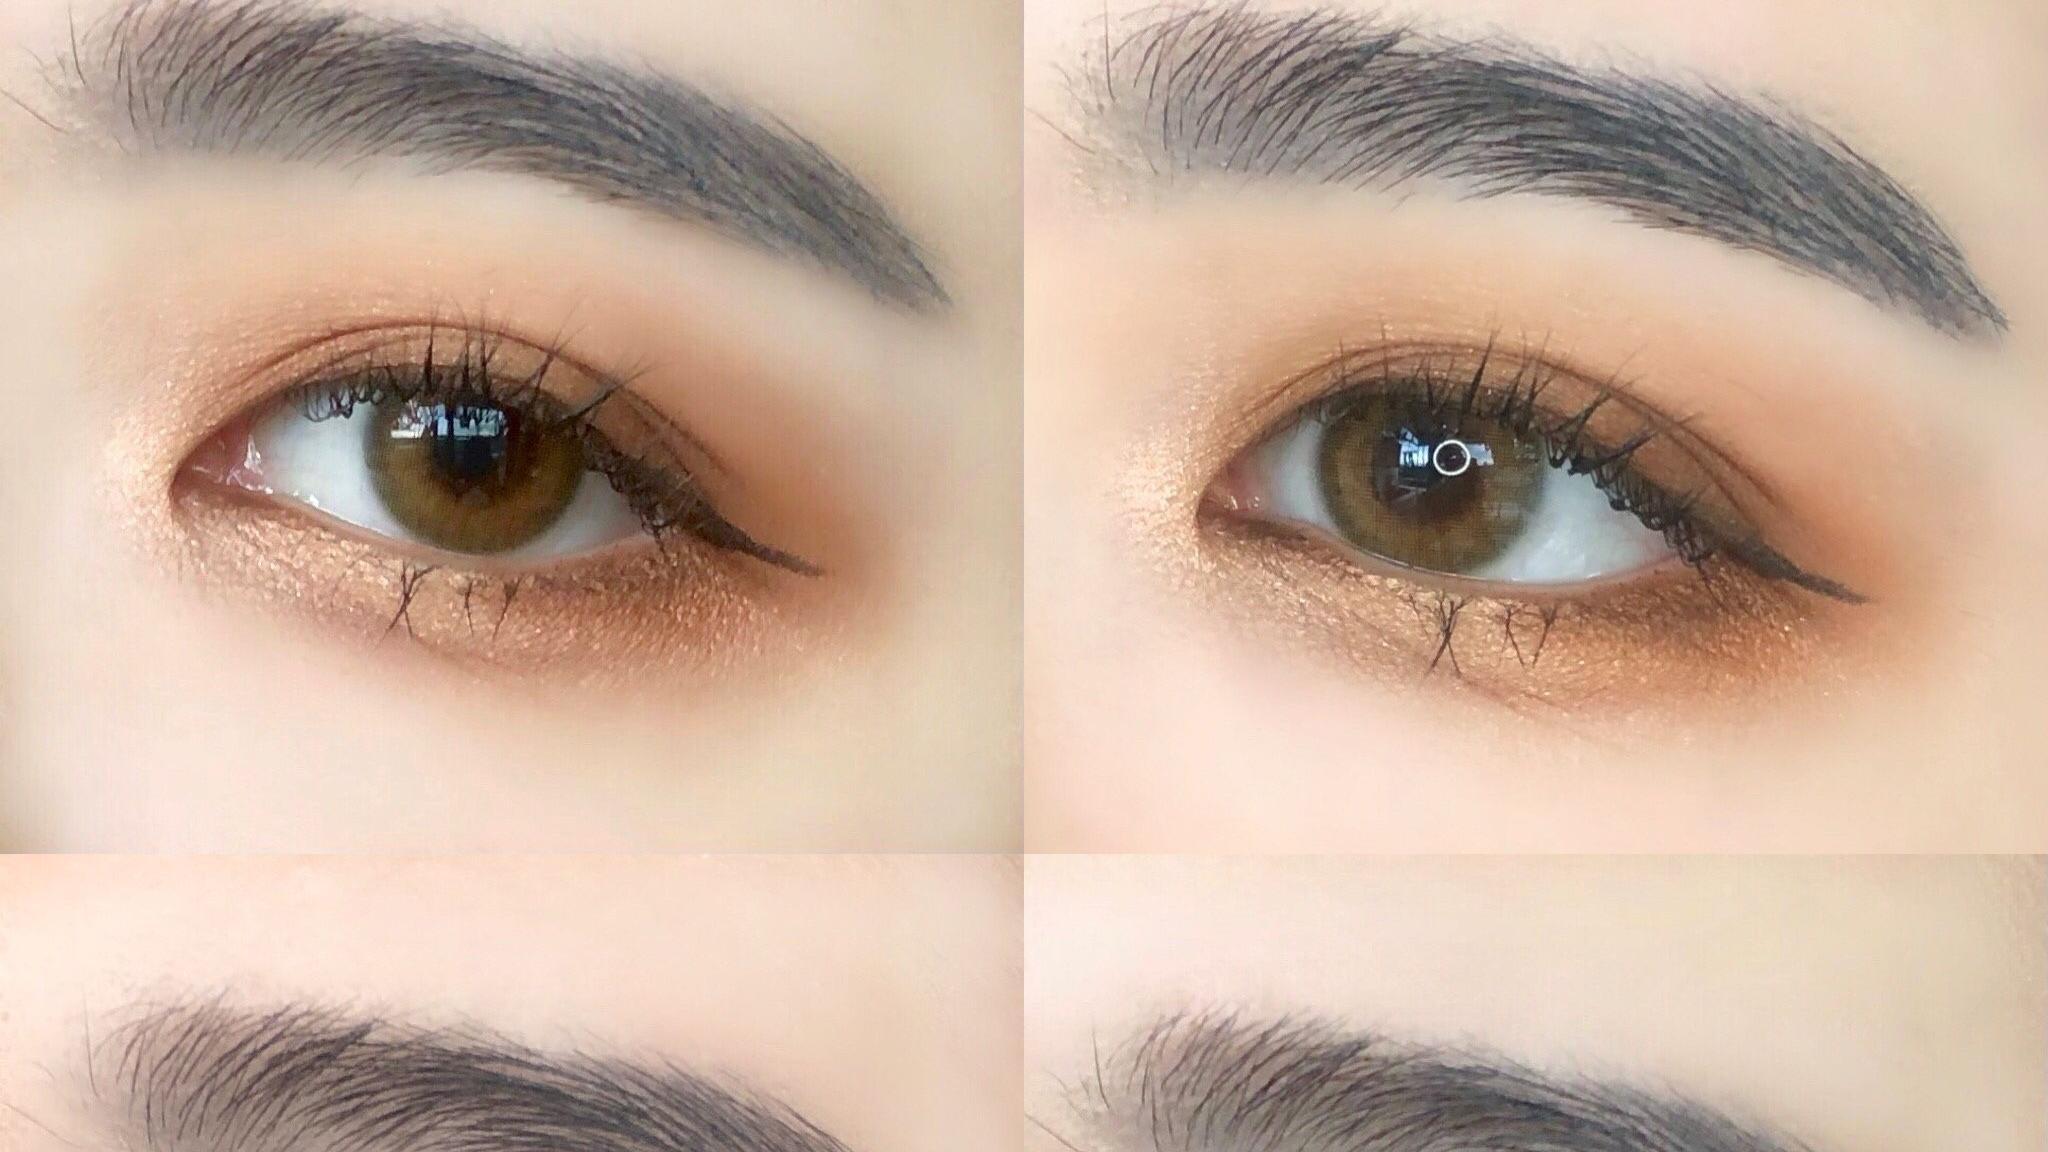 职场女强人气势妆vs职场新人淡妆!大地色眼影浓淡两种画法一次学